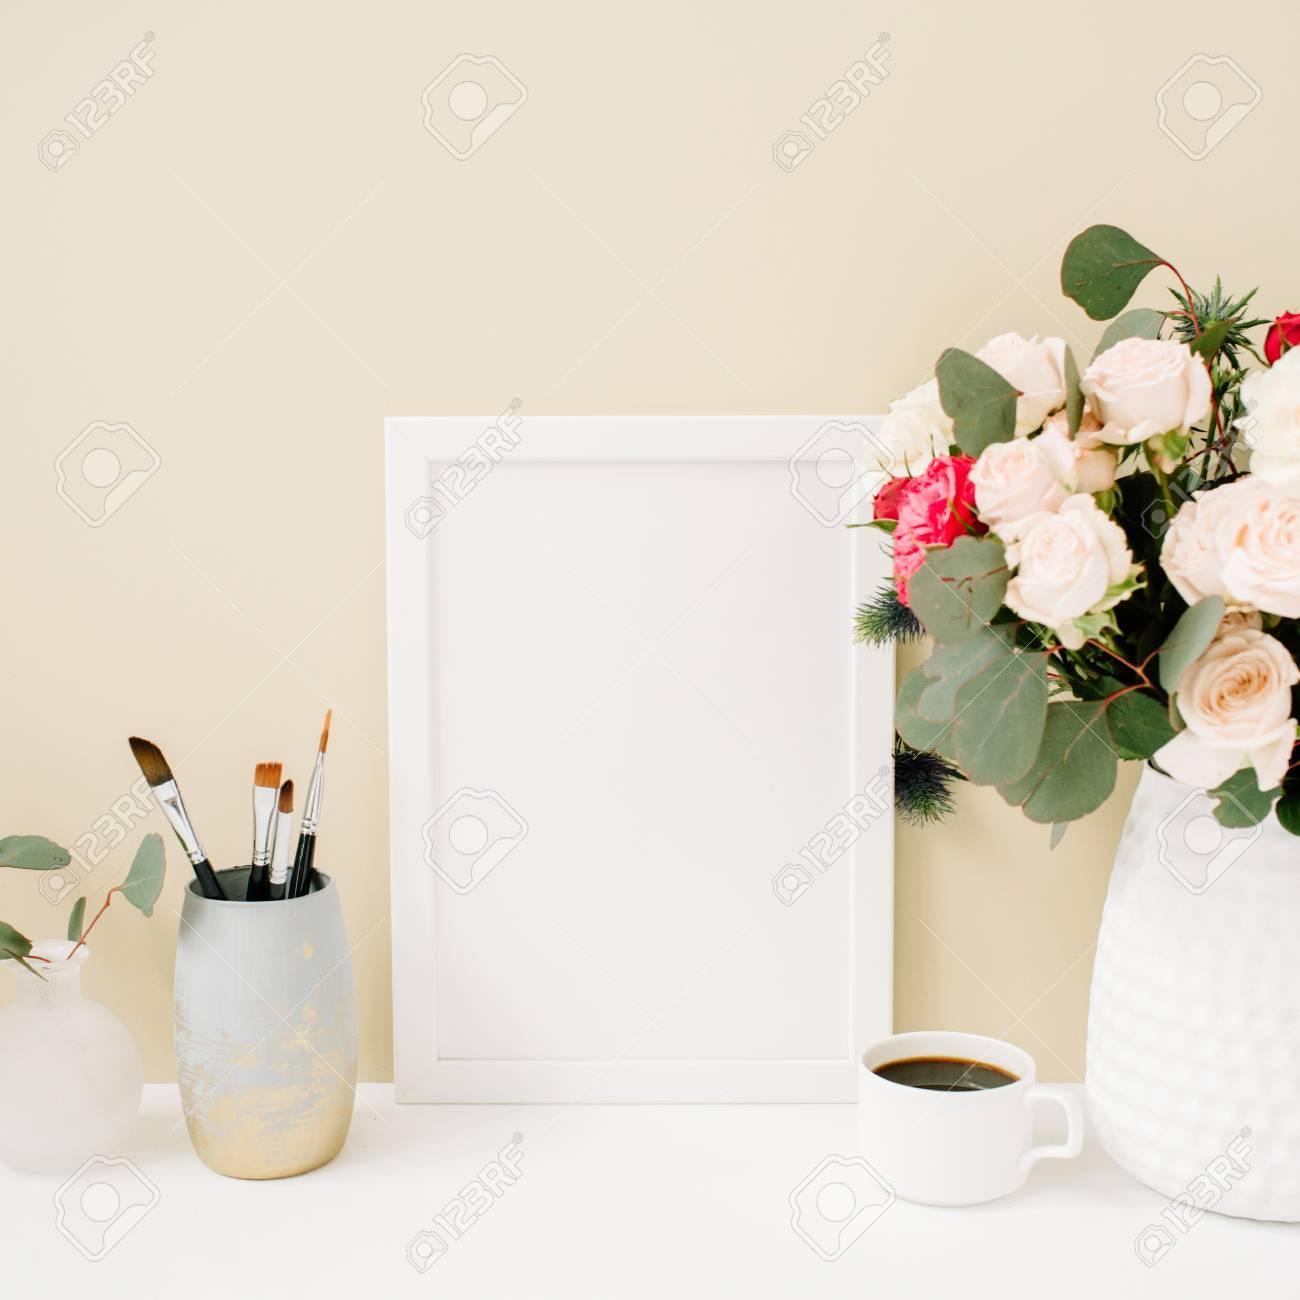 Home Office Schreibtisch Mit Fotorahmen Mockup, Schöne Rosen Und ...